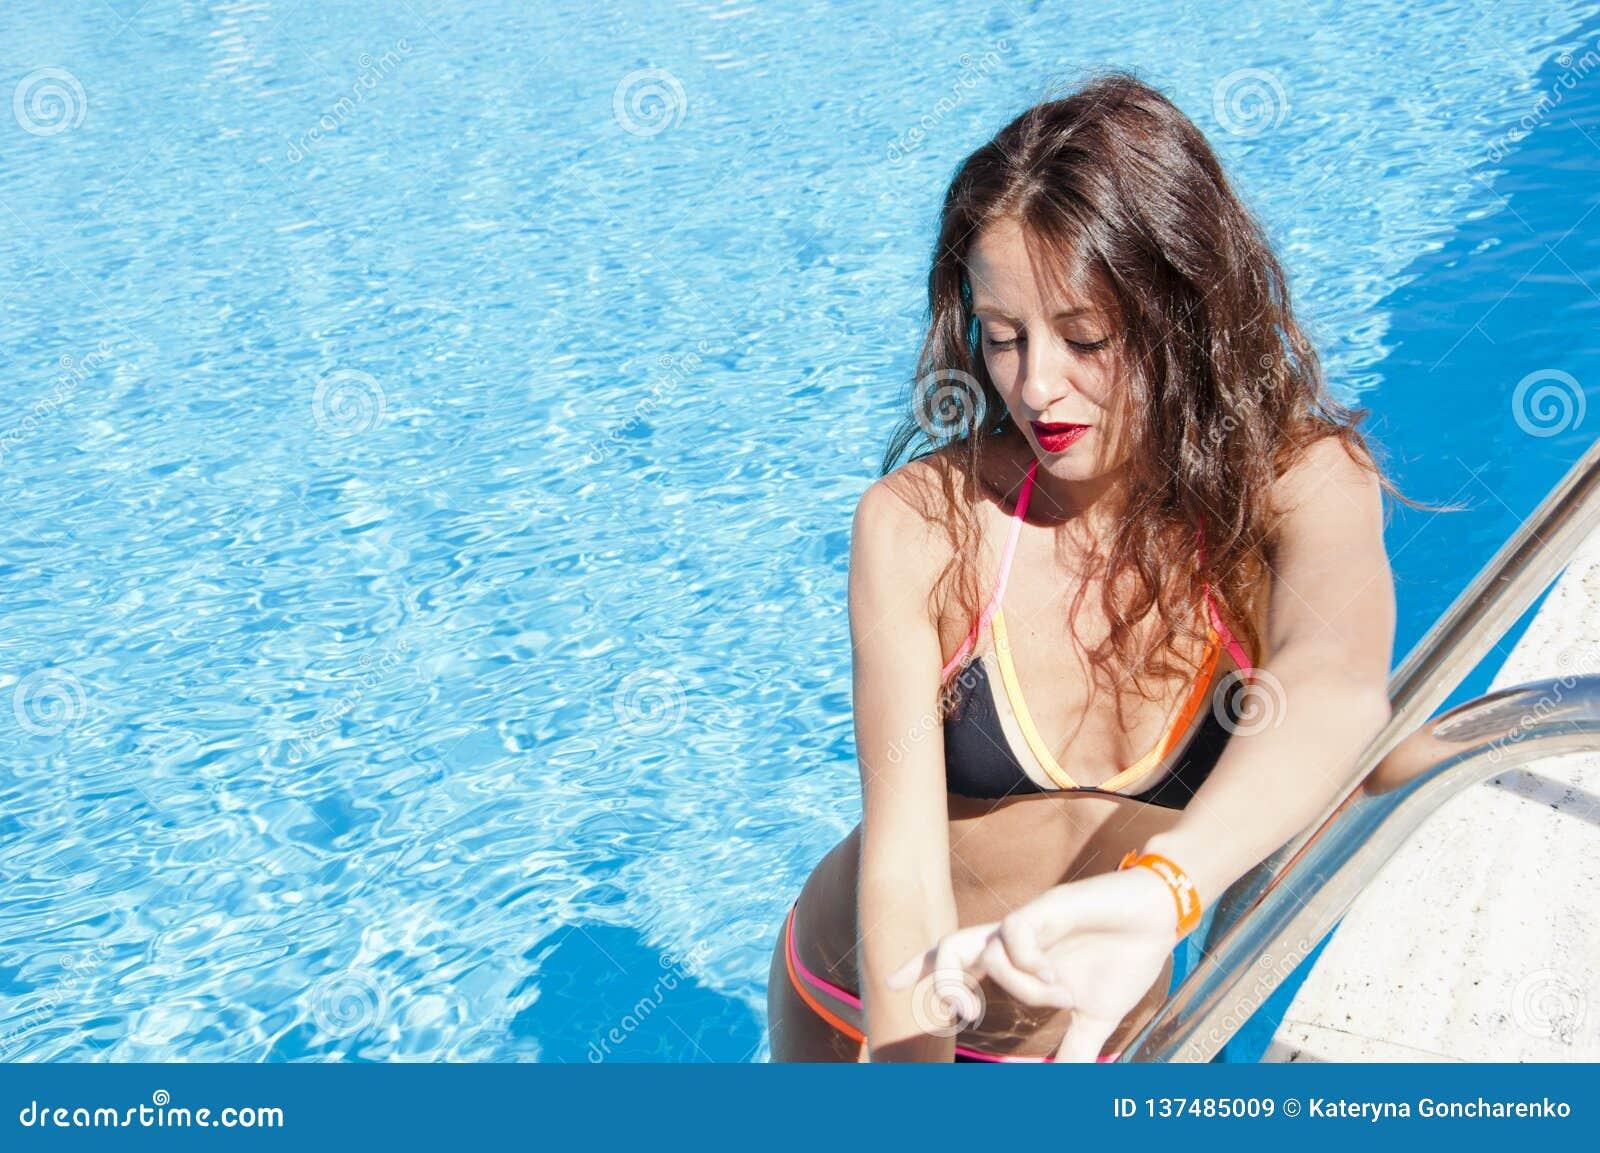 De zomervakantie en reis naar de Maldiven Het strand van Miami is zonnig swag Caraïbische overzees dope Kuuroord in pool meisje m